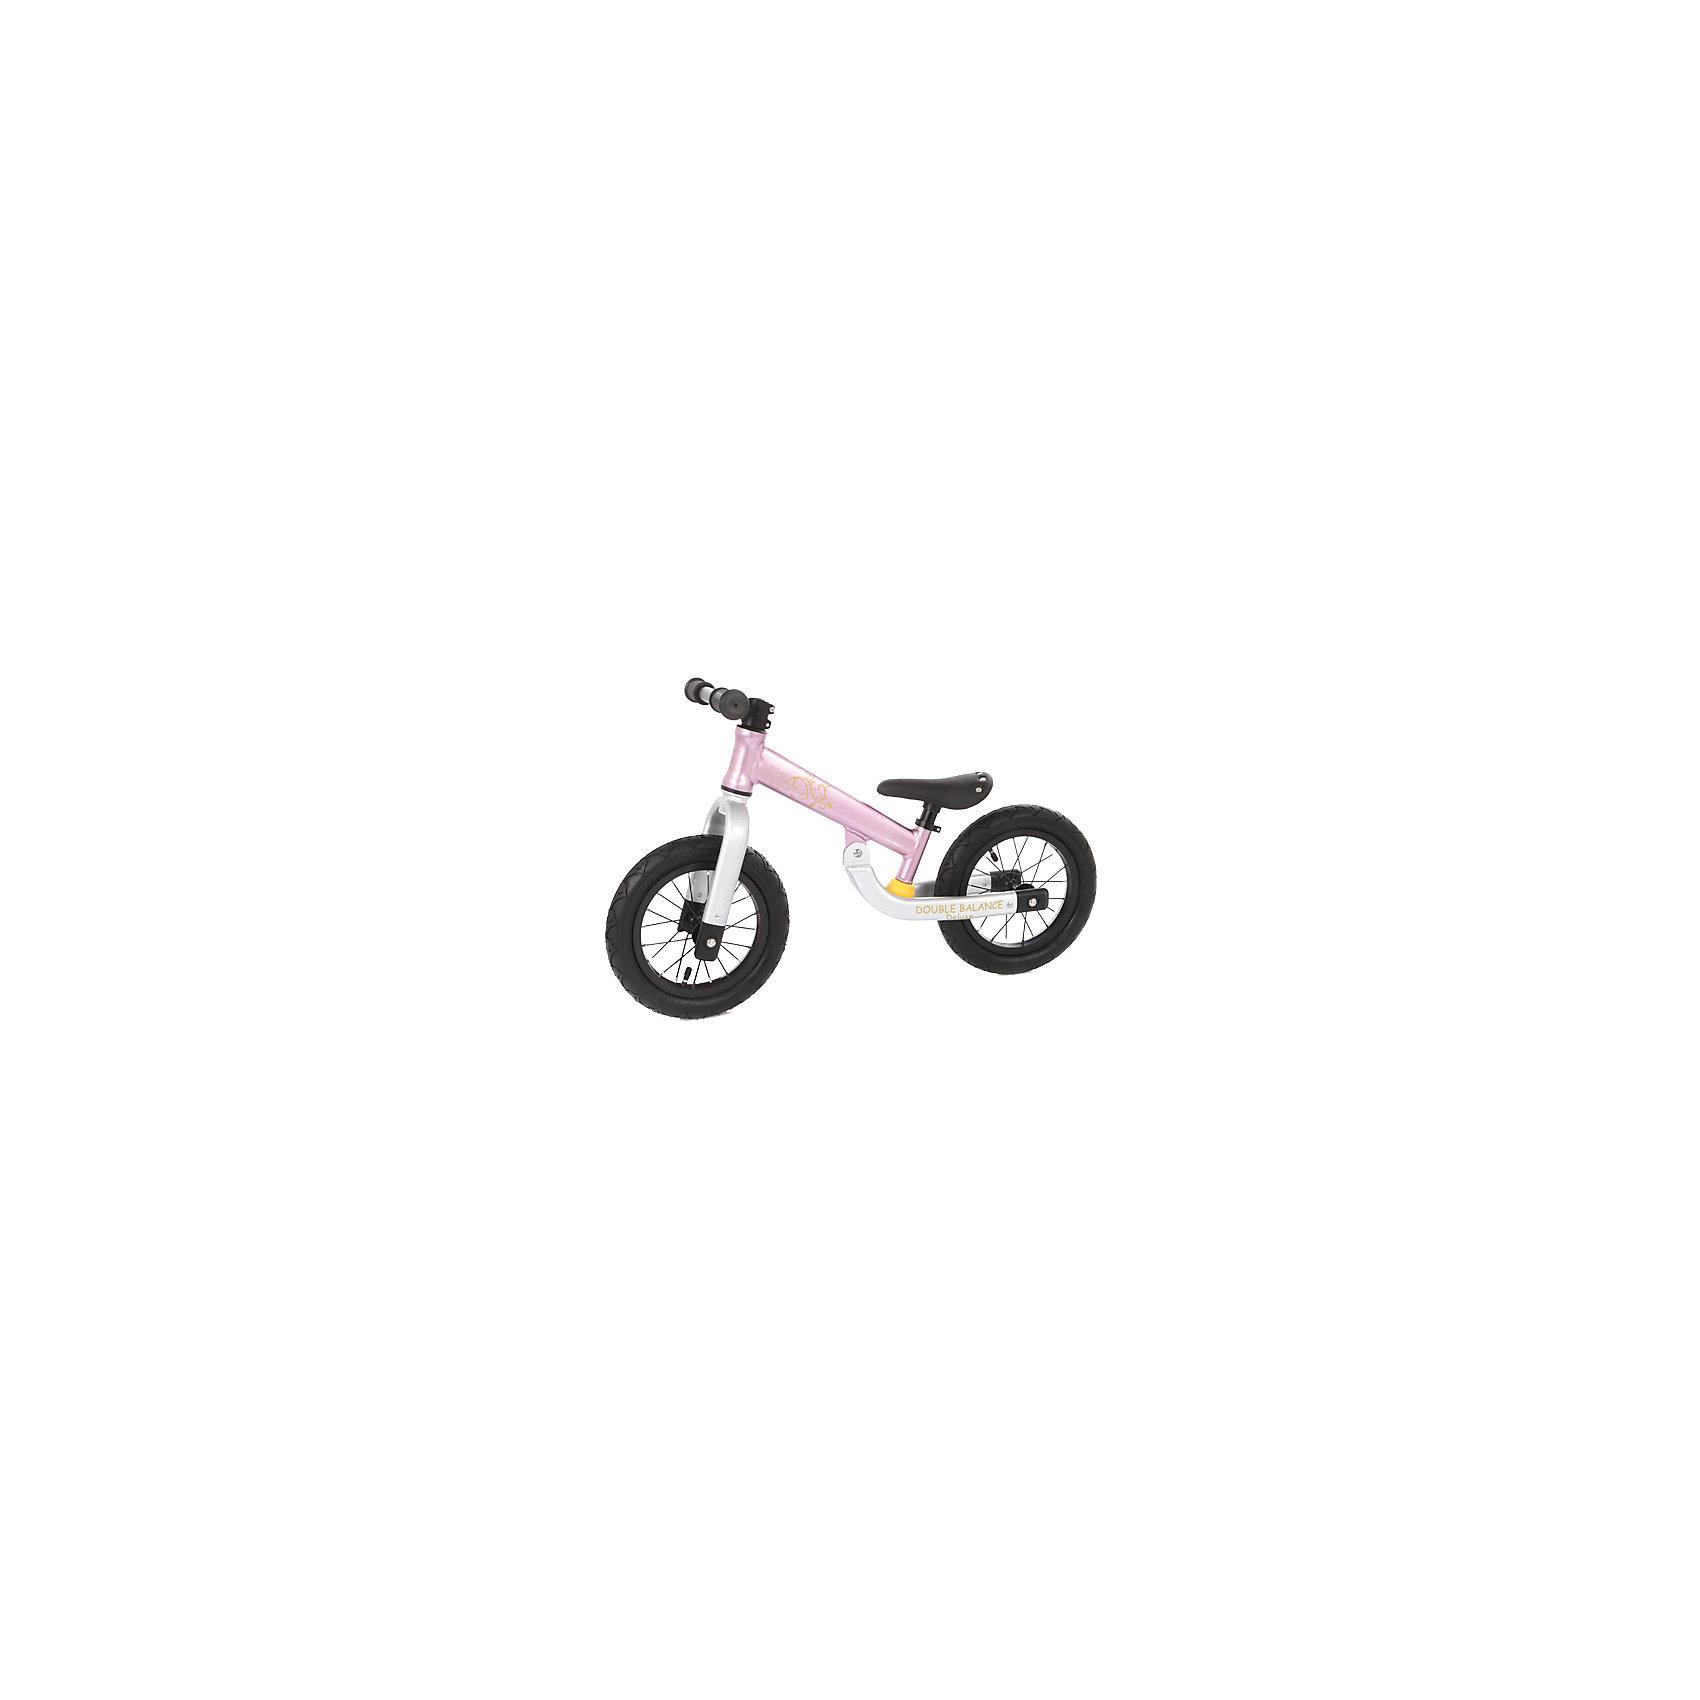 Беговел KMA-07, фиолетовый,  JetemБеговел Jetem Double Balance Deluxe  приведет в восторг любого ребенка! Удобное сиденье и широкие накачиваемые колеса сделают прогулки комфортными и незабываемыми. Высоту руля и сиденья можно регулировать, в зависимости от роста ребенка. Беговелы – это детские двухколесные велосипеды, у которых нет педалей. Они совмещают в себе черты велосипеда и самоката. Беговел помогает научиться удерживать равновесие и позволит вашему ребенку в будущем быстро и безболезненно пересесть на обычный велосипед. Изготовлен из прочных высококачественных материалов, надежный и простой в использовании. <br><br>Дополнительная информация:<br><br>- Материал: резина, алюминий.<br>- Надувные колеса.<br>- Размер колес: 30,5 см<br>- Подножки нет.<br>- Алюминиевая рама.<br>- Тормоз заднего колеса.<br>- Максимальный вес ребенка: 50 кг.<br>- Руль и сиденье регулируются по высоте. <br>- Цвет: фиолетовый.<br><br>Беговел KMA-07, фиолетовый,  Jetem (Жетем) можно купить в нашем магазине.<br><br>Ширина мм: 600<br>Глубина мм: 400<br>Высота мм: 200<br>Вес г: 4000<br>Возраст от месяцев: 24<br>Возраст до месяцев: 72<br>Пол: Унисекс<br>Возраст: Детский<br>SKU: 4058127